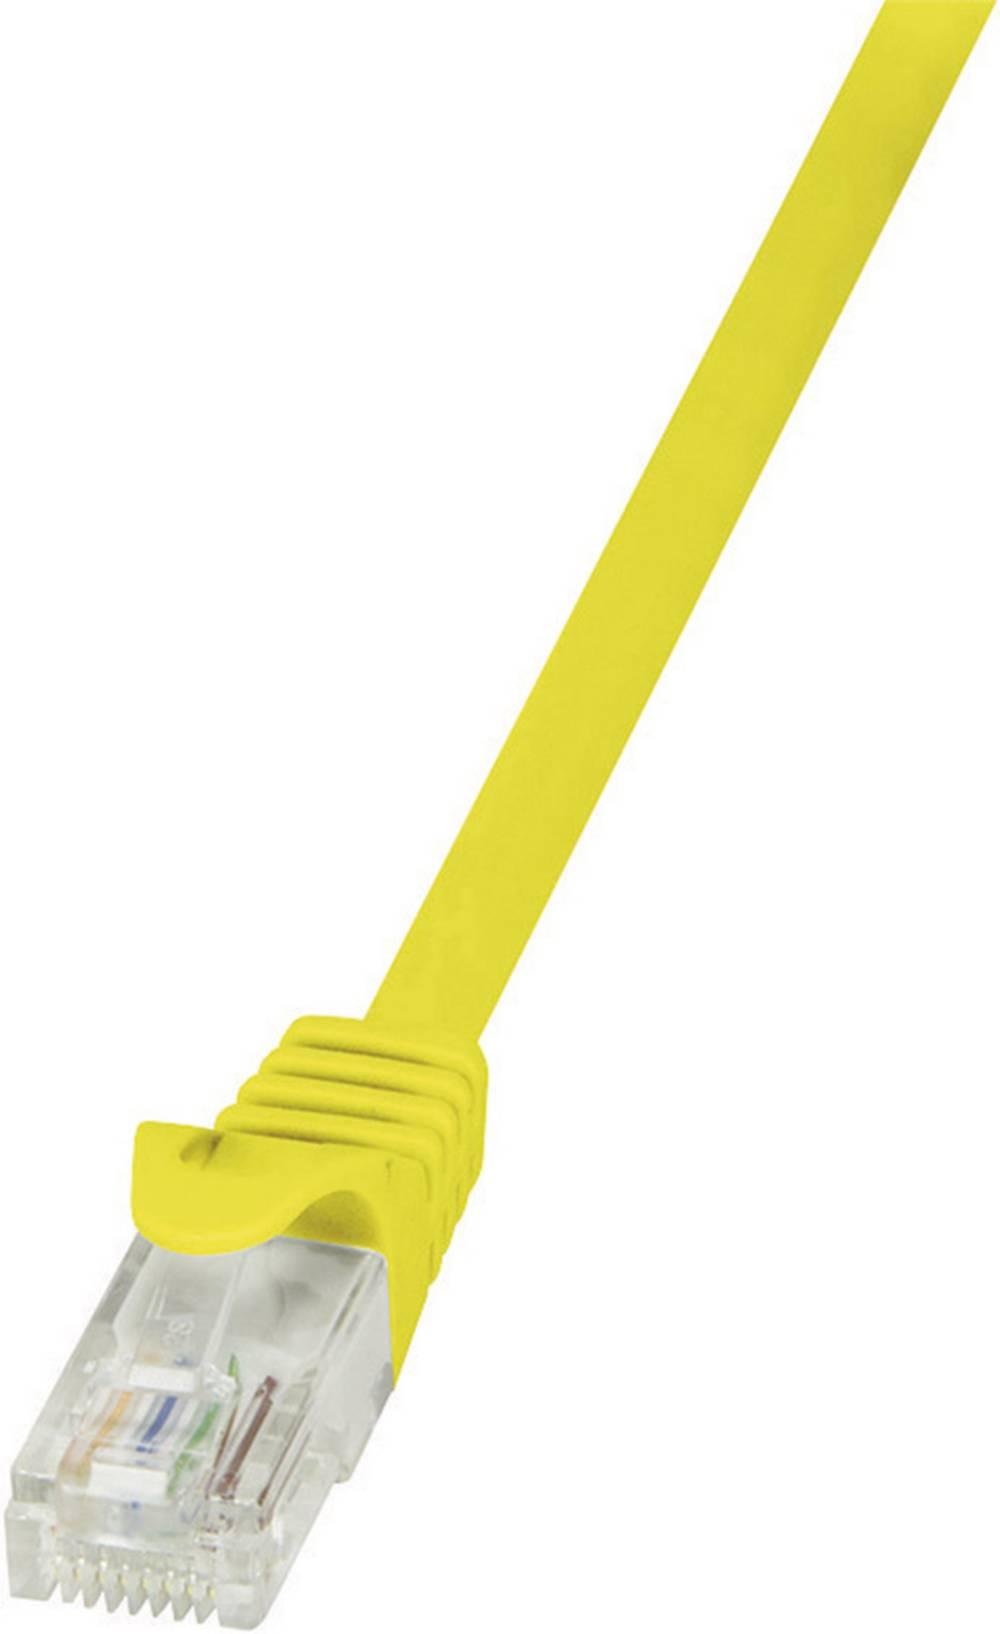 RJ45 mrežni kabel CAT 5e U/UTP [1x RJ45 utikač - 1x RJ45 utikač] 0.50 m žuti zaštićeni LogiLink CP1027U